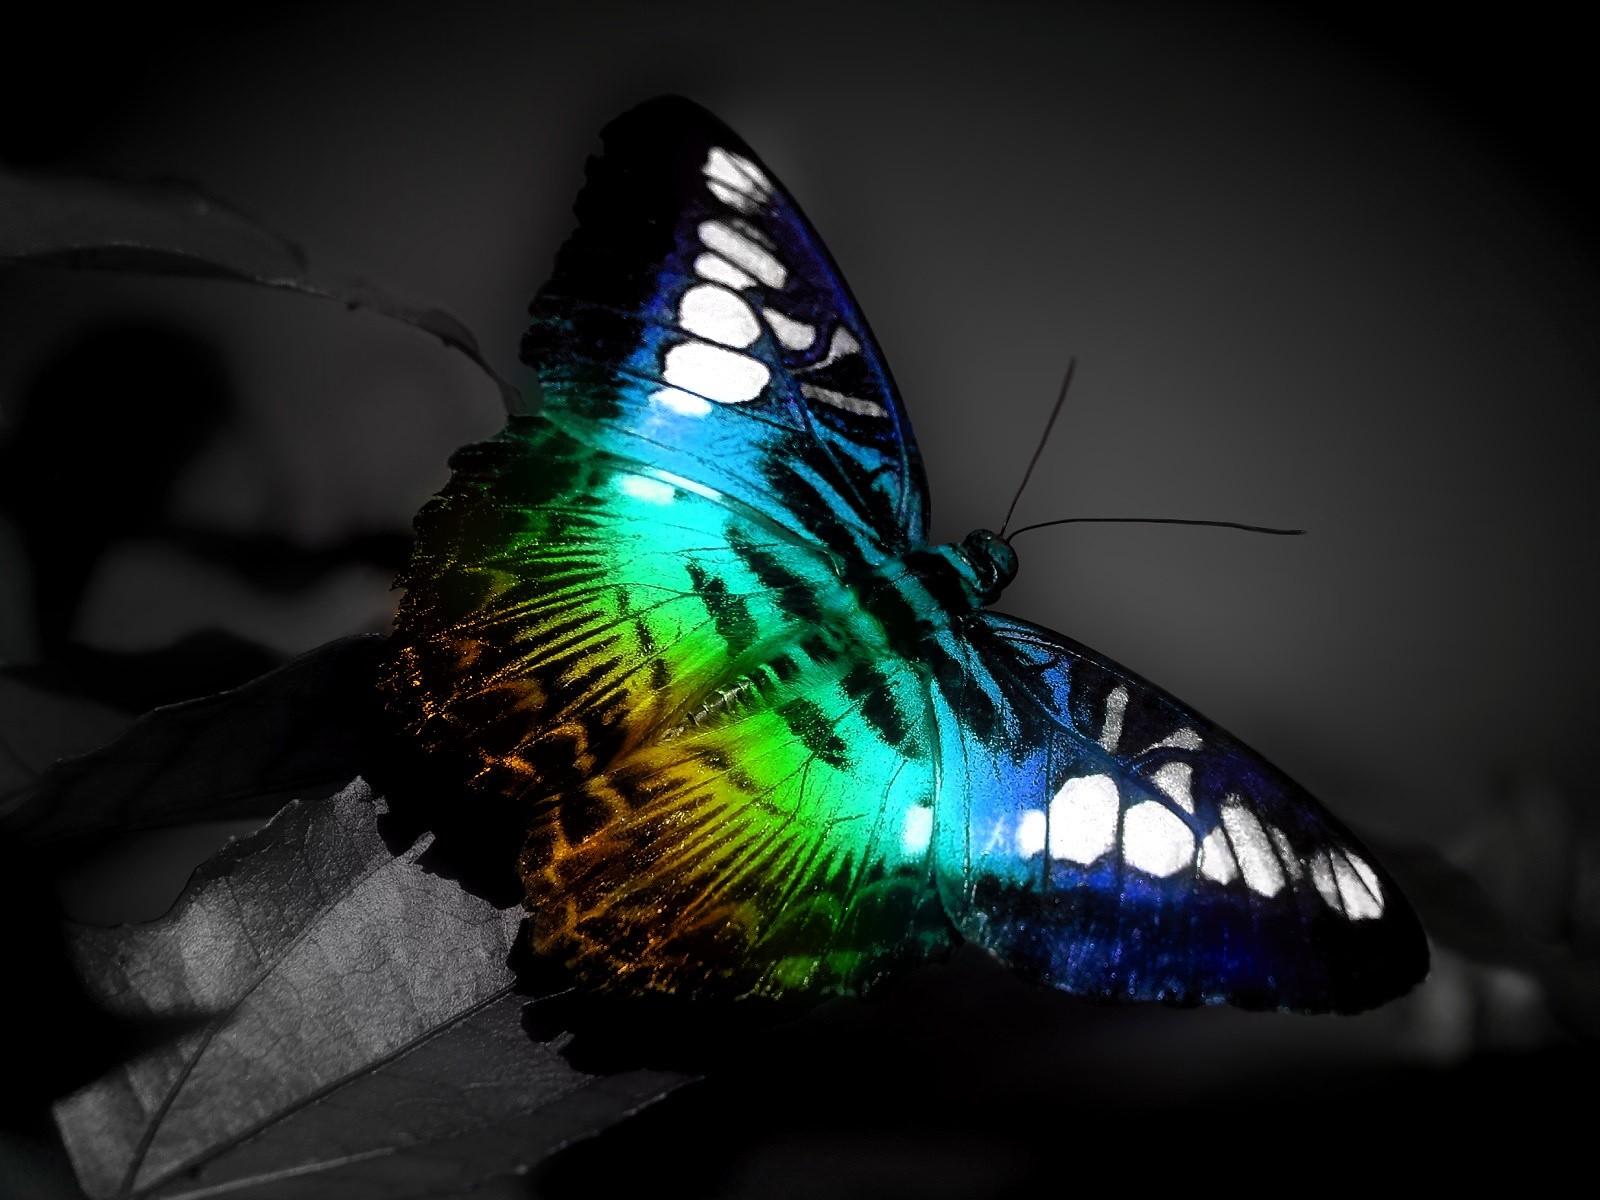 https://3.bp.blogspot.com/-FNvoFsDFxIQ/TrAhEio9zEI/AAAAAAAACJU/x1H58NF84B0/s1600/butterfly-desktop-images-3.jpeg